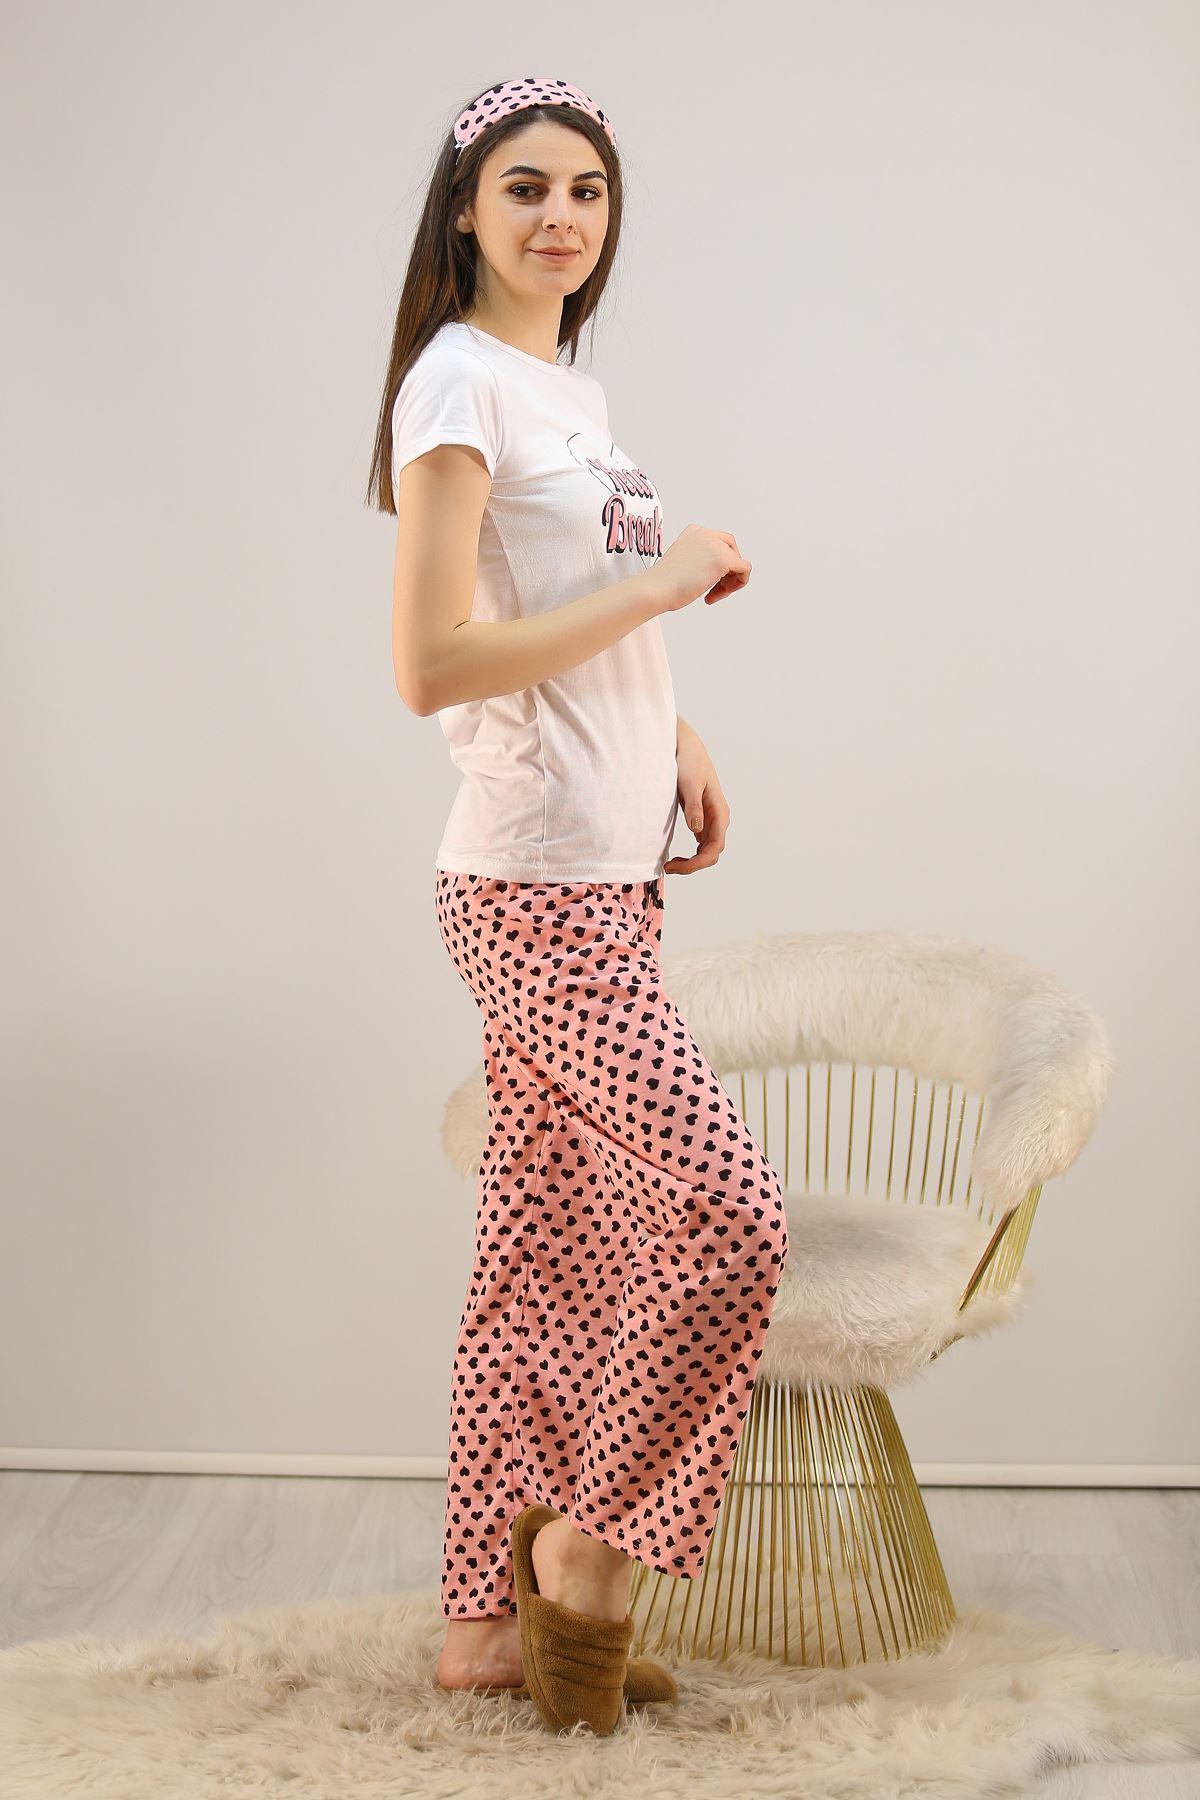 Baskılı Pijama Takımı Beyaz - 4712.102.